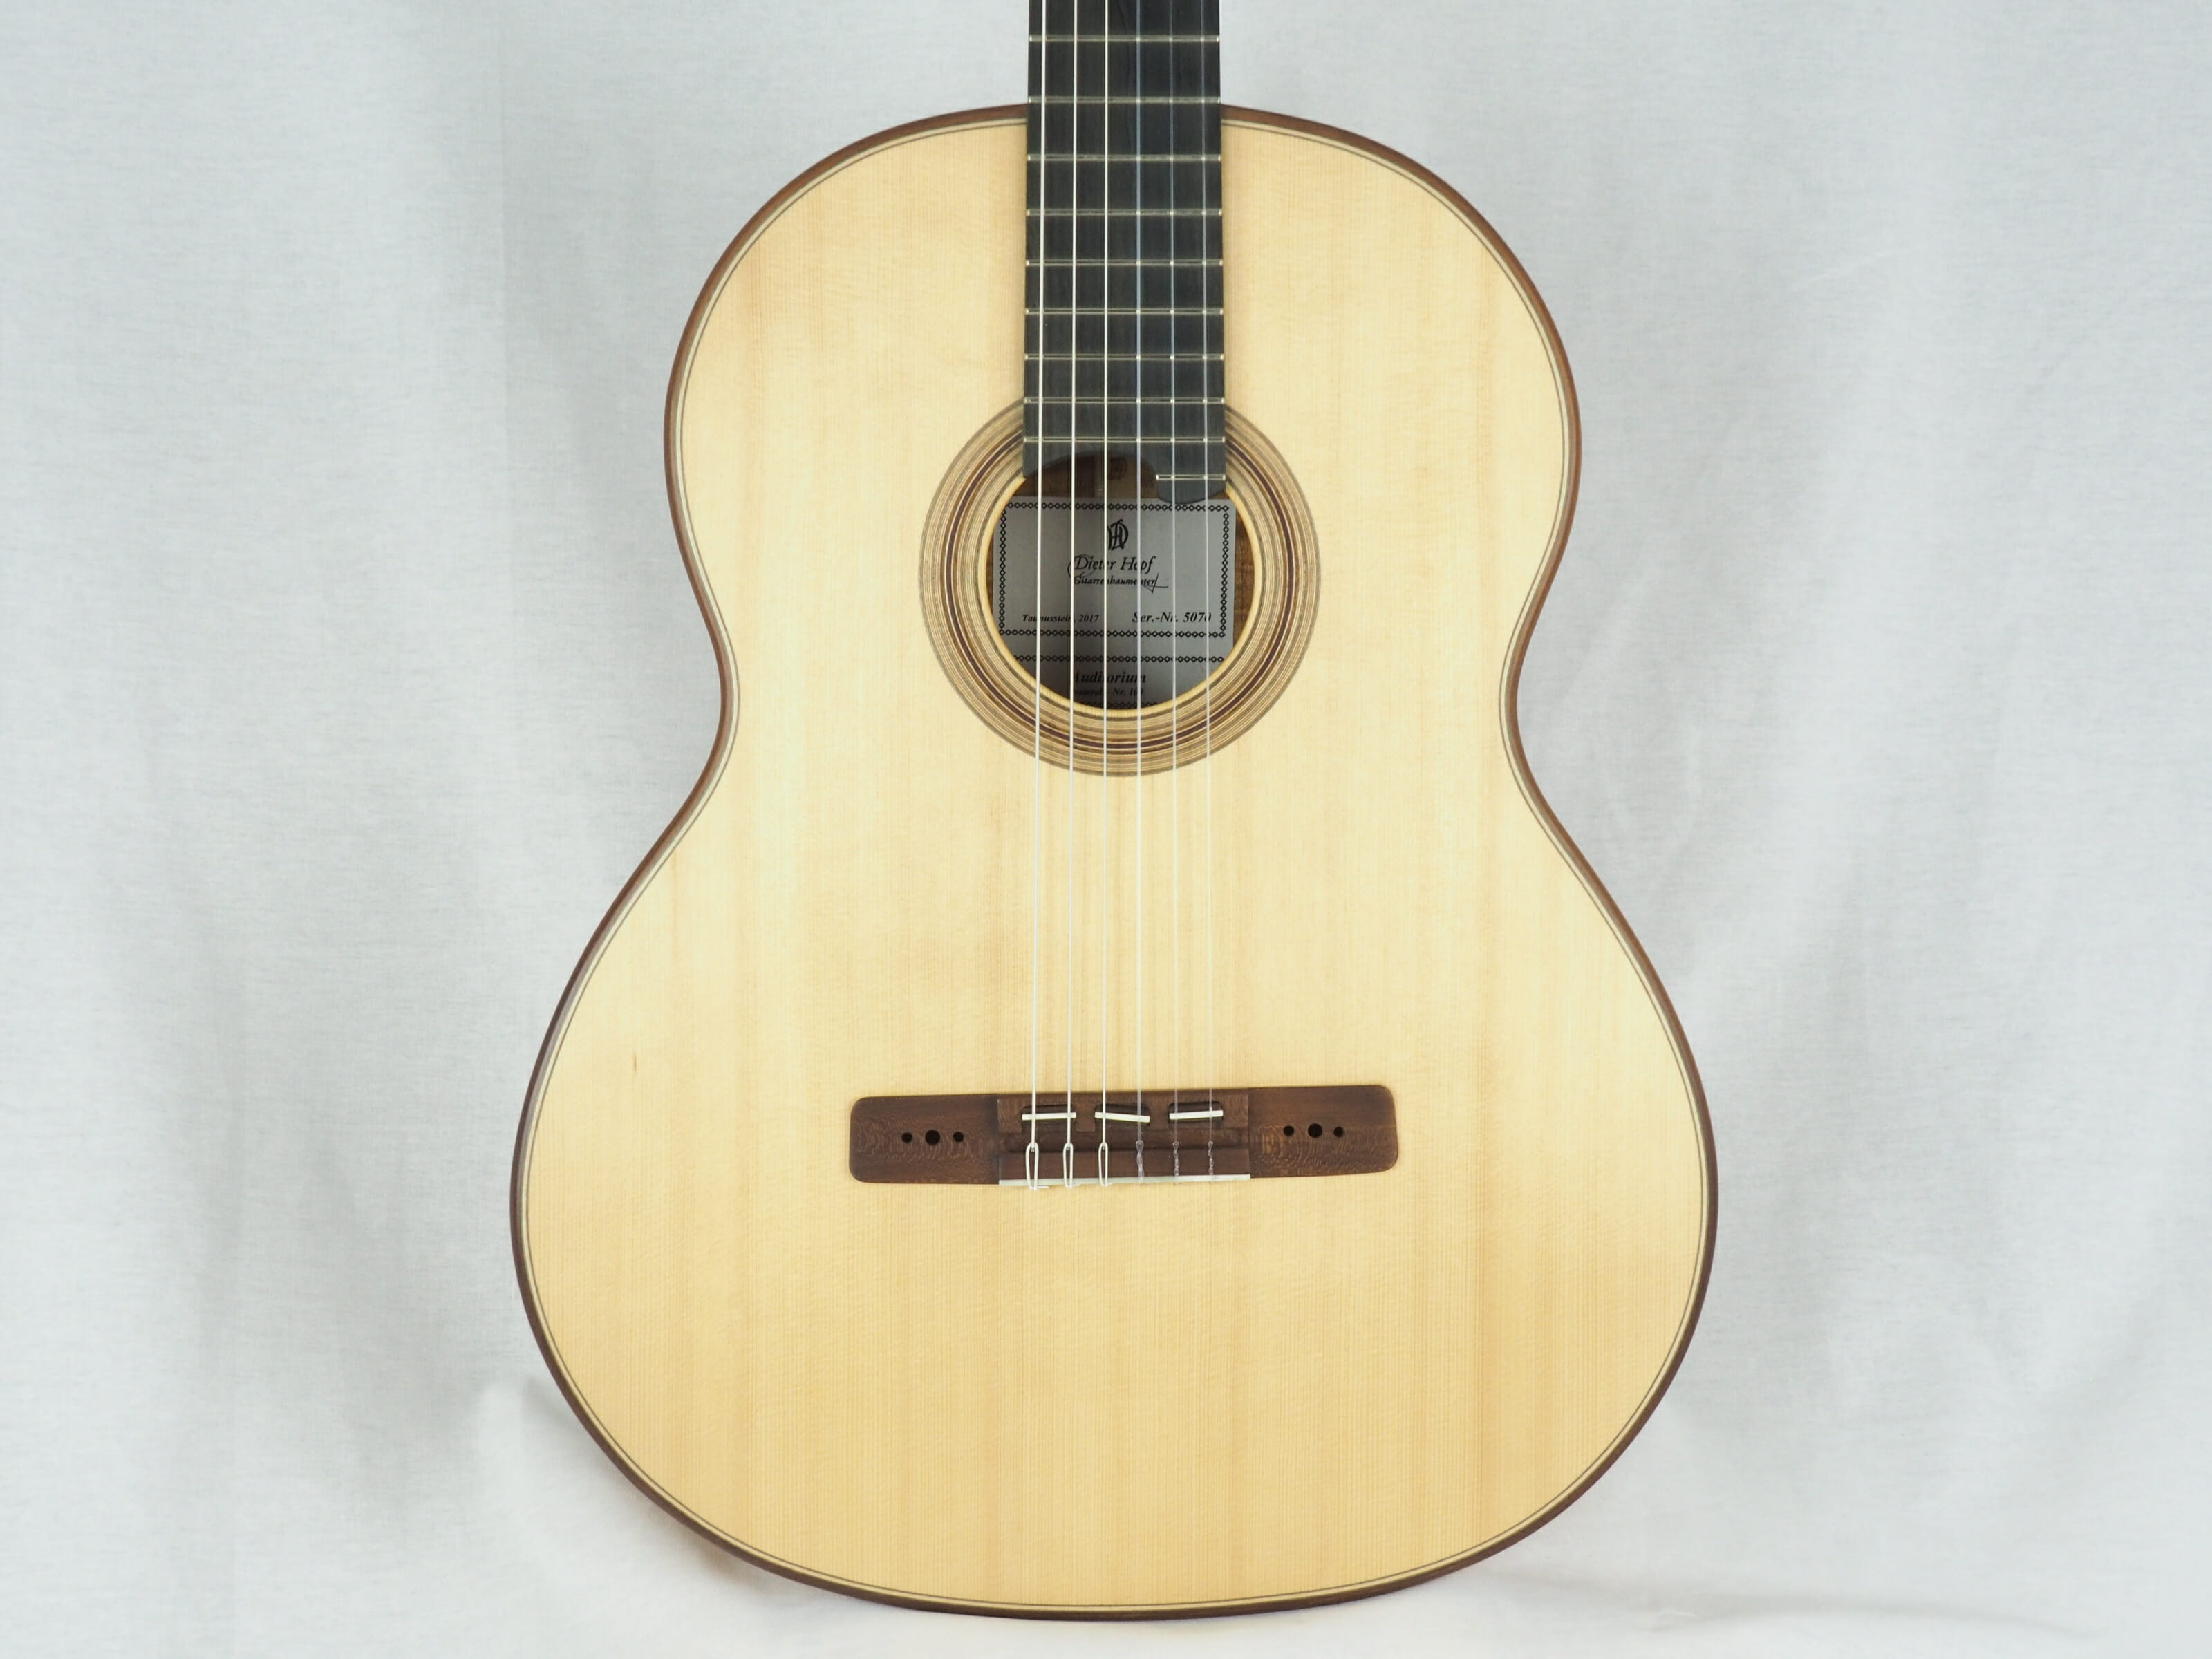 Dieter Hopf Luthier guitare classique Auditorium No 19HP070-09